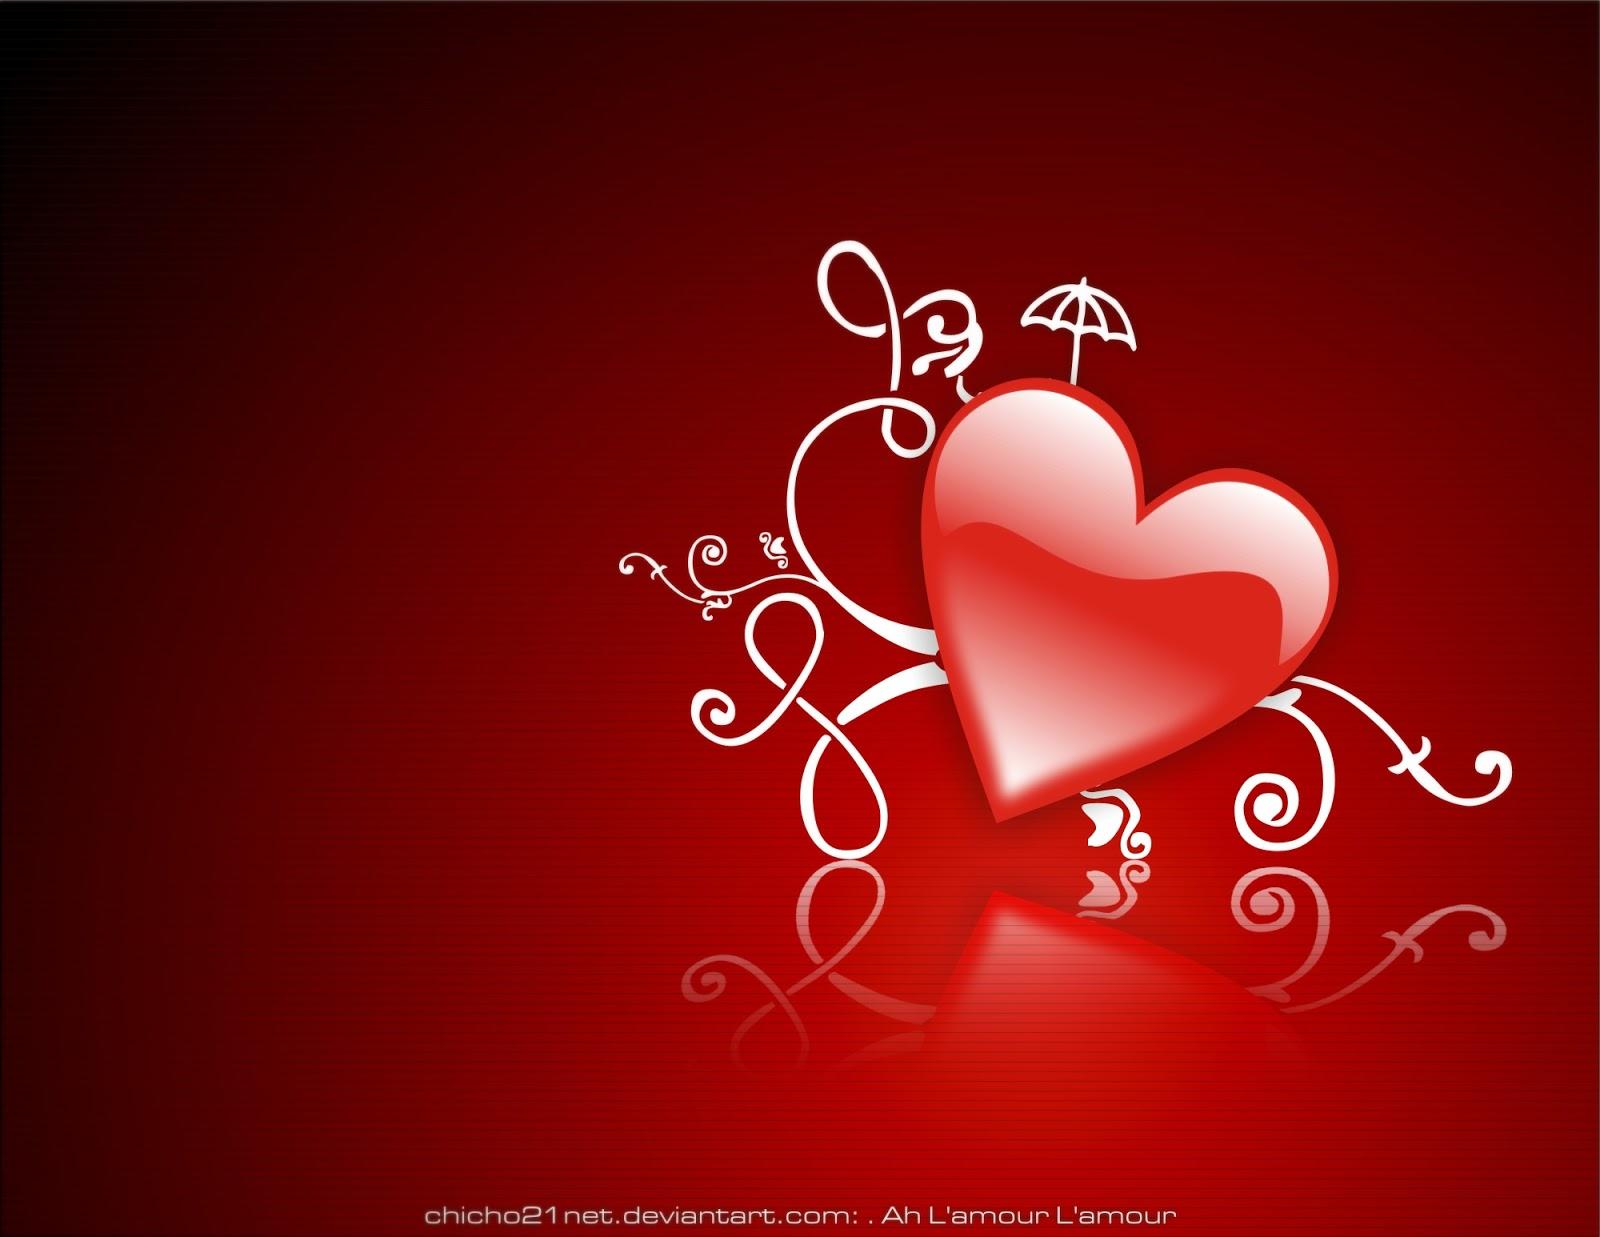 Imagenes De Amor Para Descargar Gratis: Ver Imagenes De Amor Gratis Para Descargar